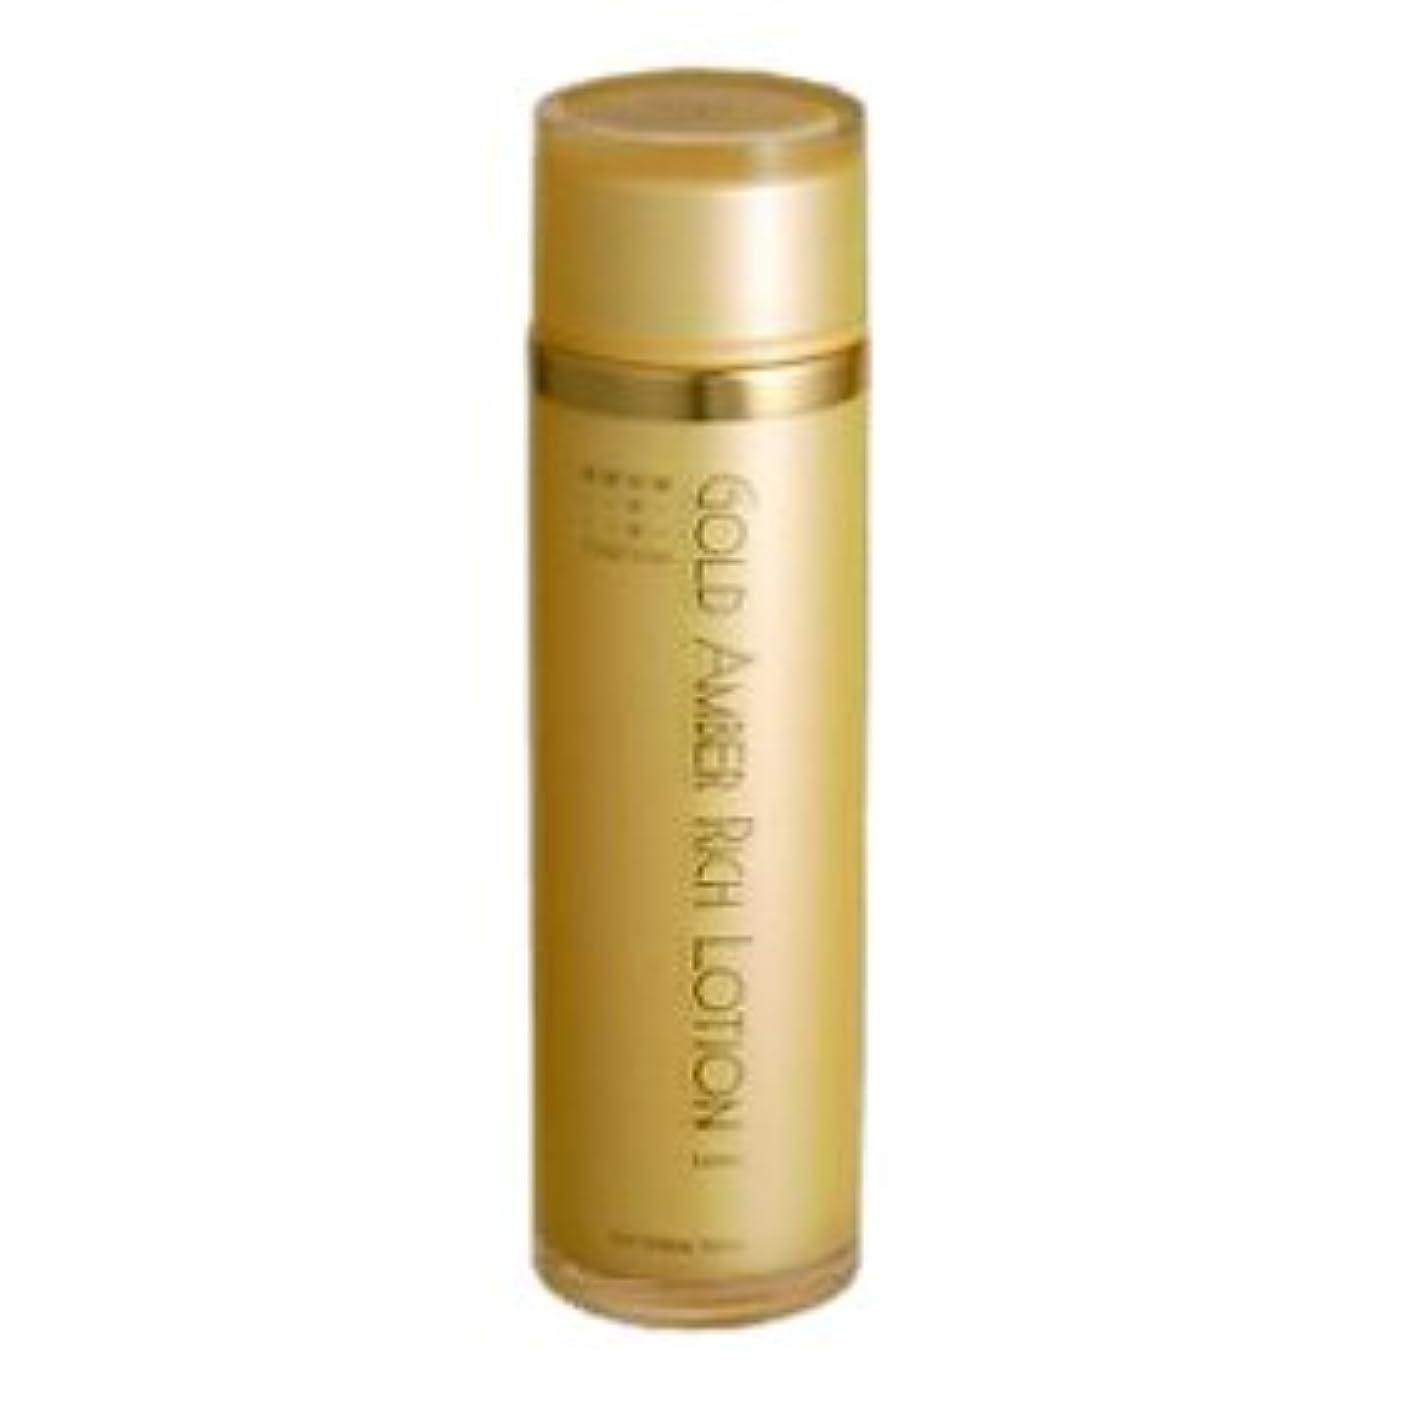 社交的アソシエイト新しさコスメプラウド ゴールドアンバーリッチローション120ml(化粧水)